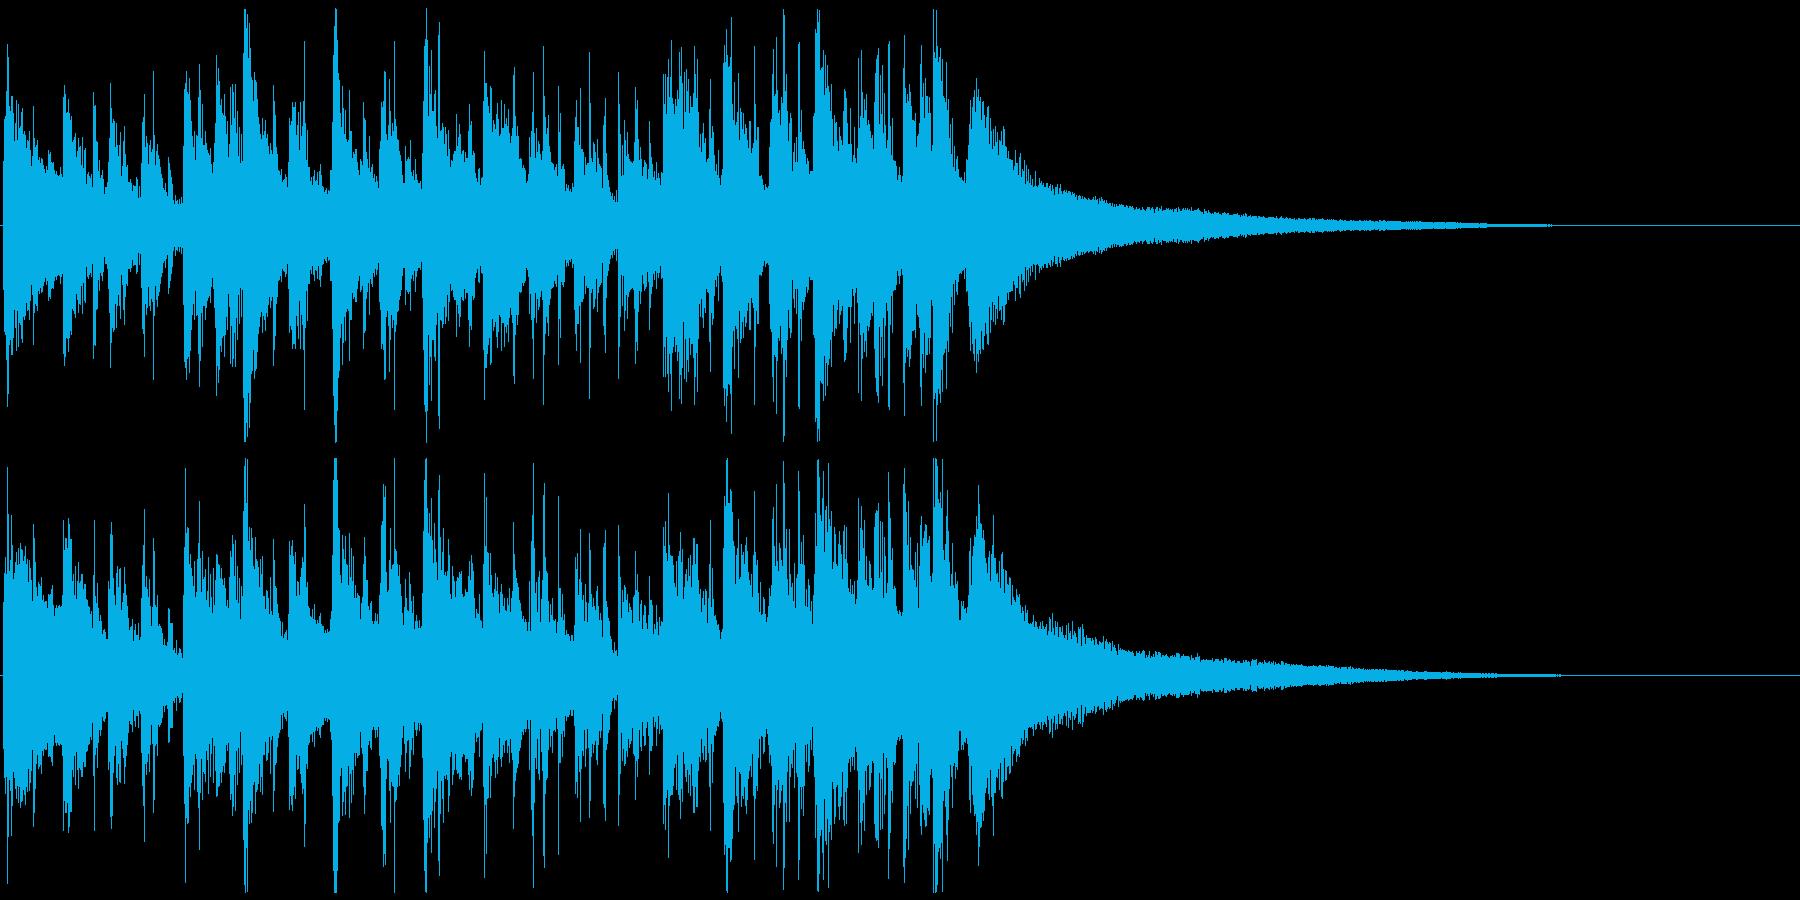 おしゃれなボサノバオープニングジングルの再生済みの波形